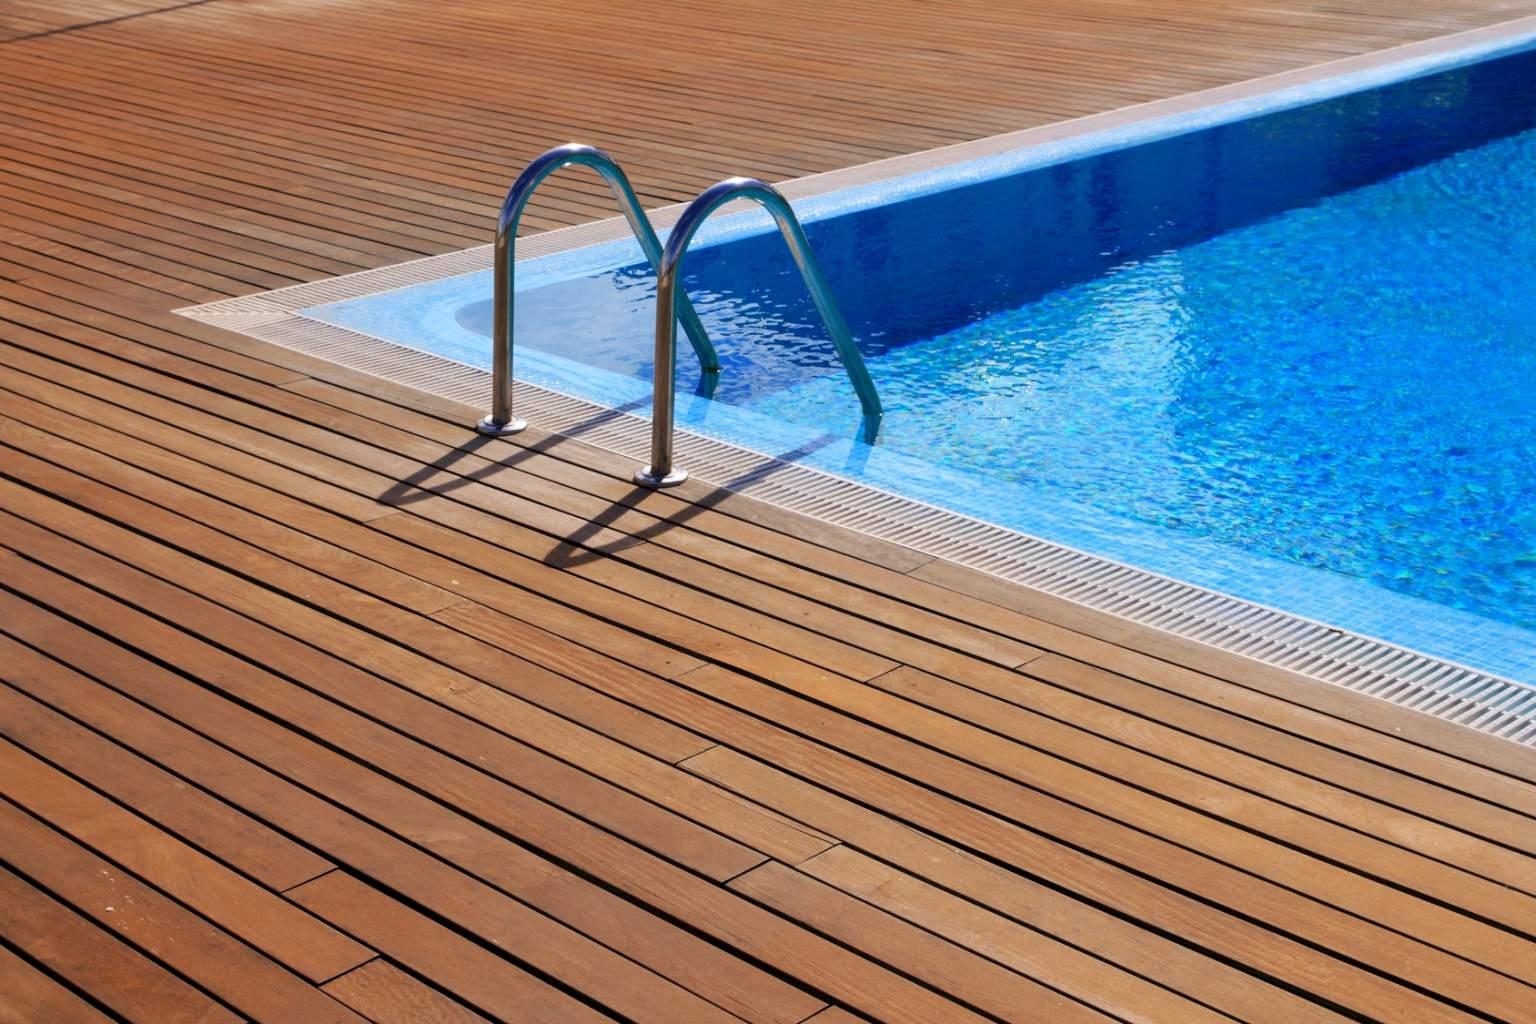 Vente d 39 accessoires et de produits de piscine n mes for Vente accessoire piscine